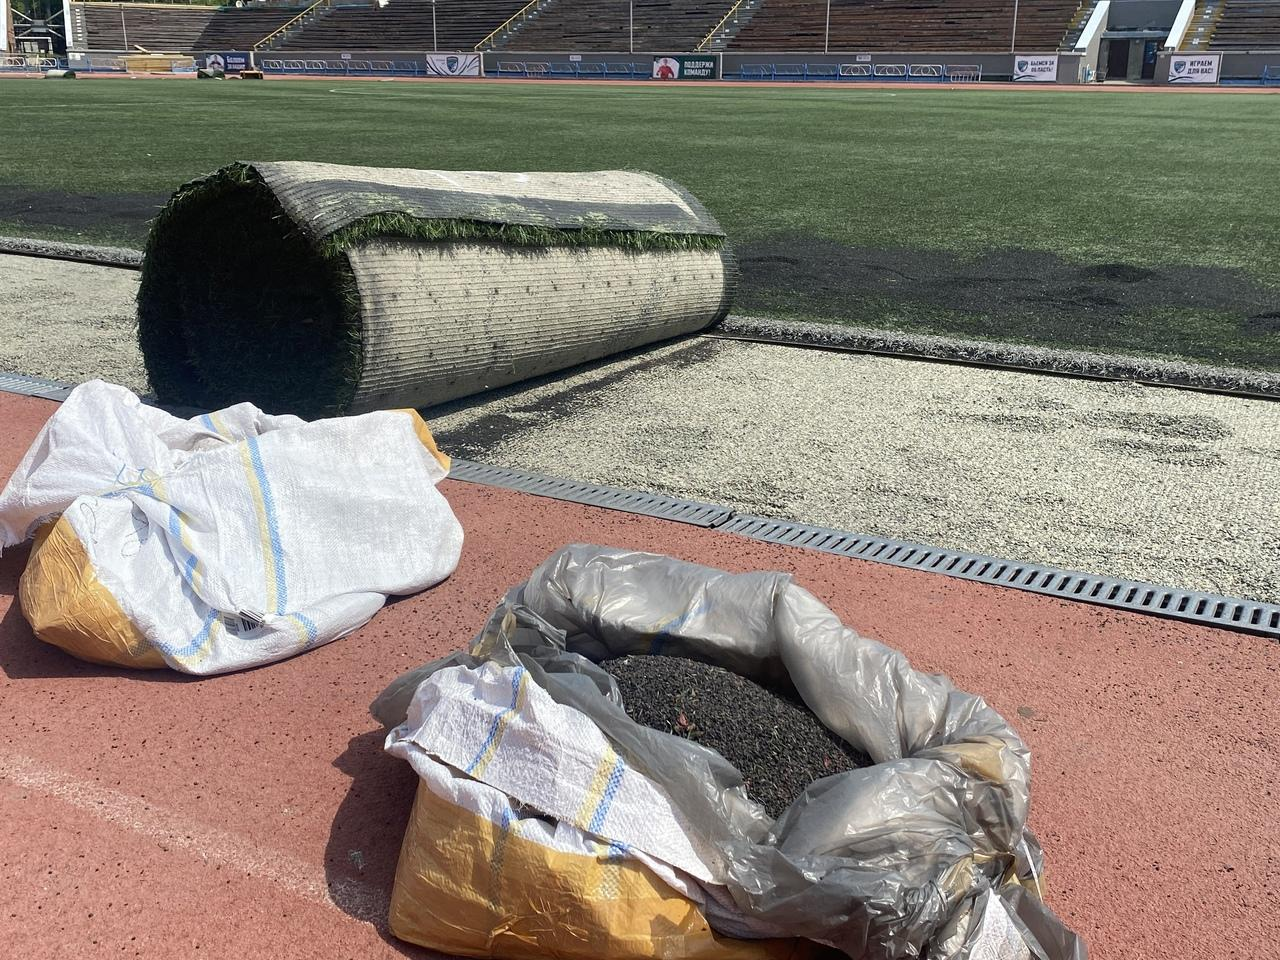 Фото В Новосибирске впервые за 11 лет меняют покрытие на футбольном поле «Спартак» 3